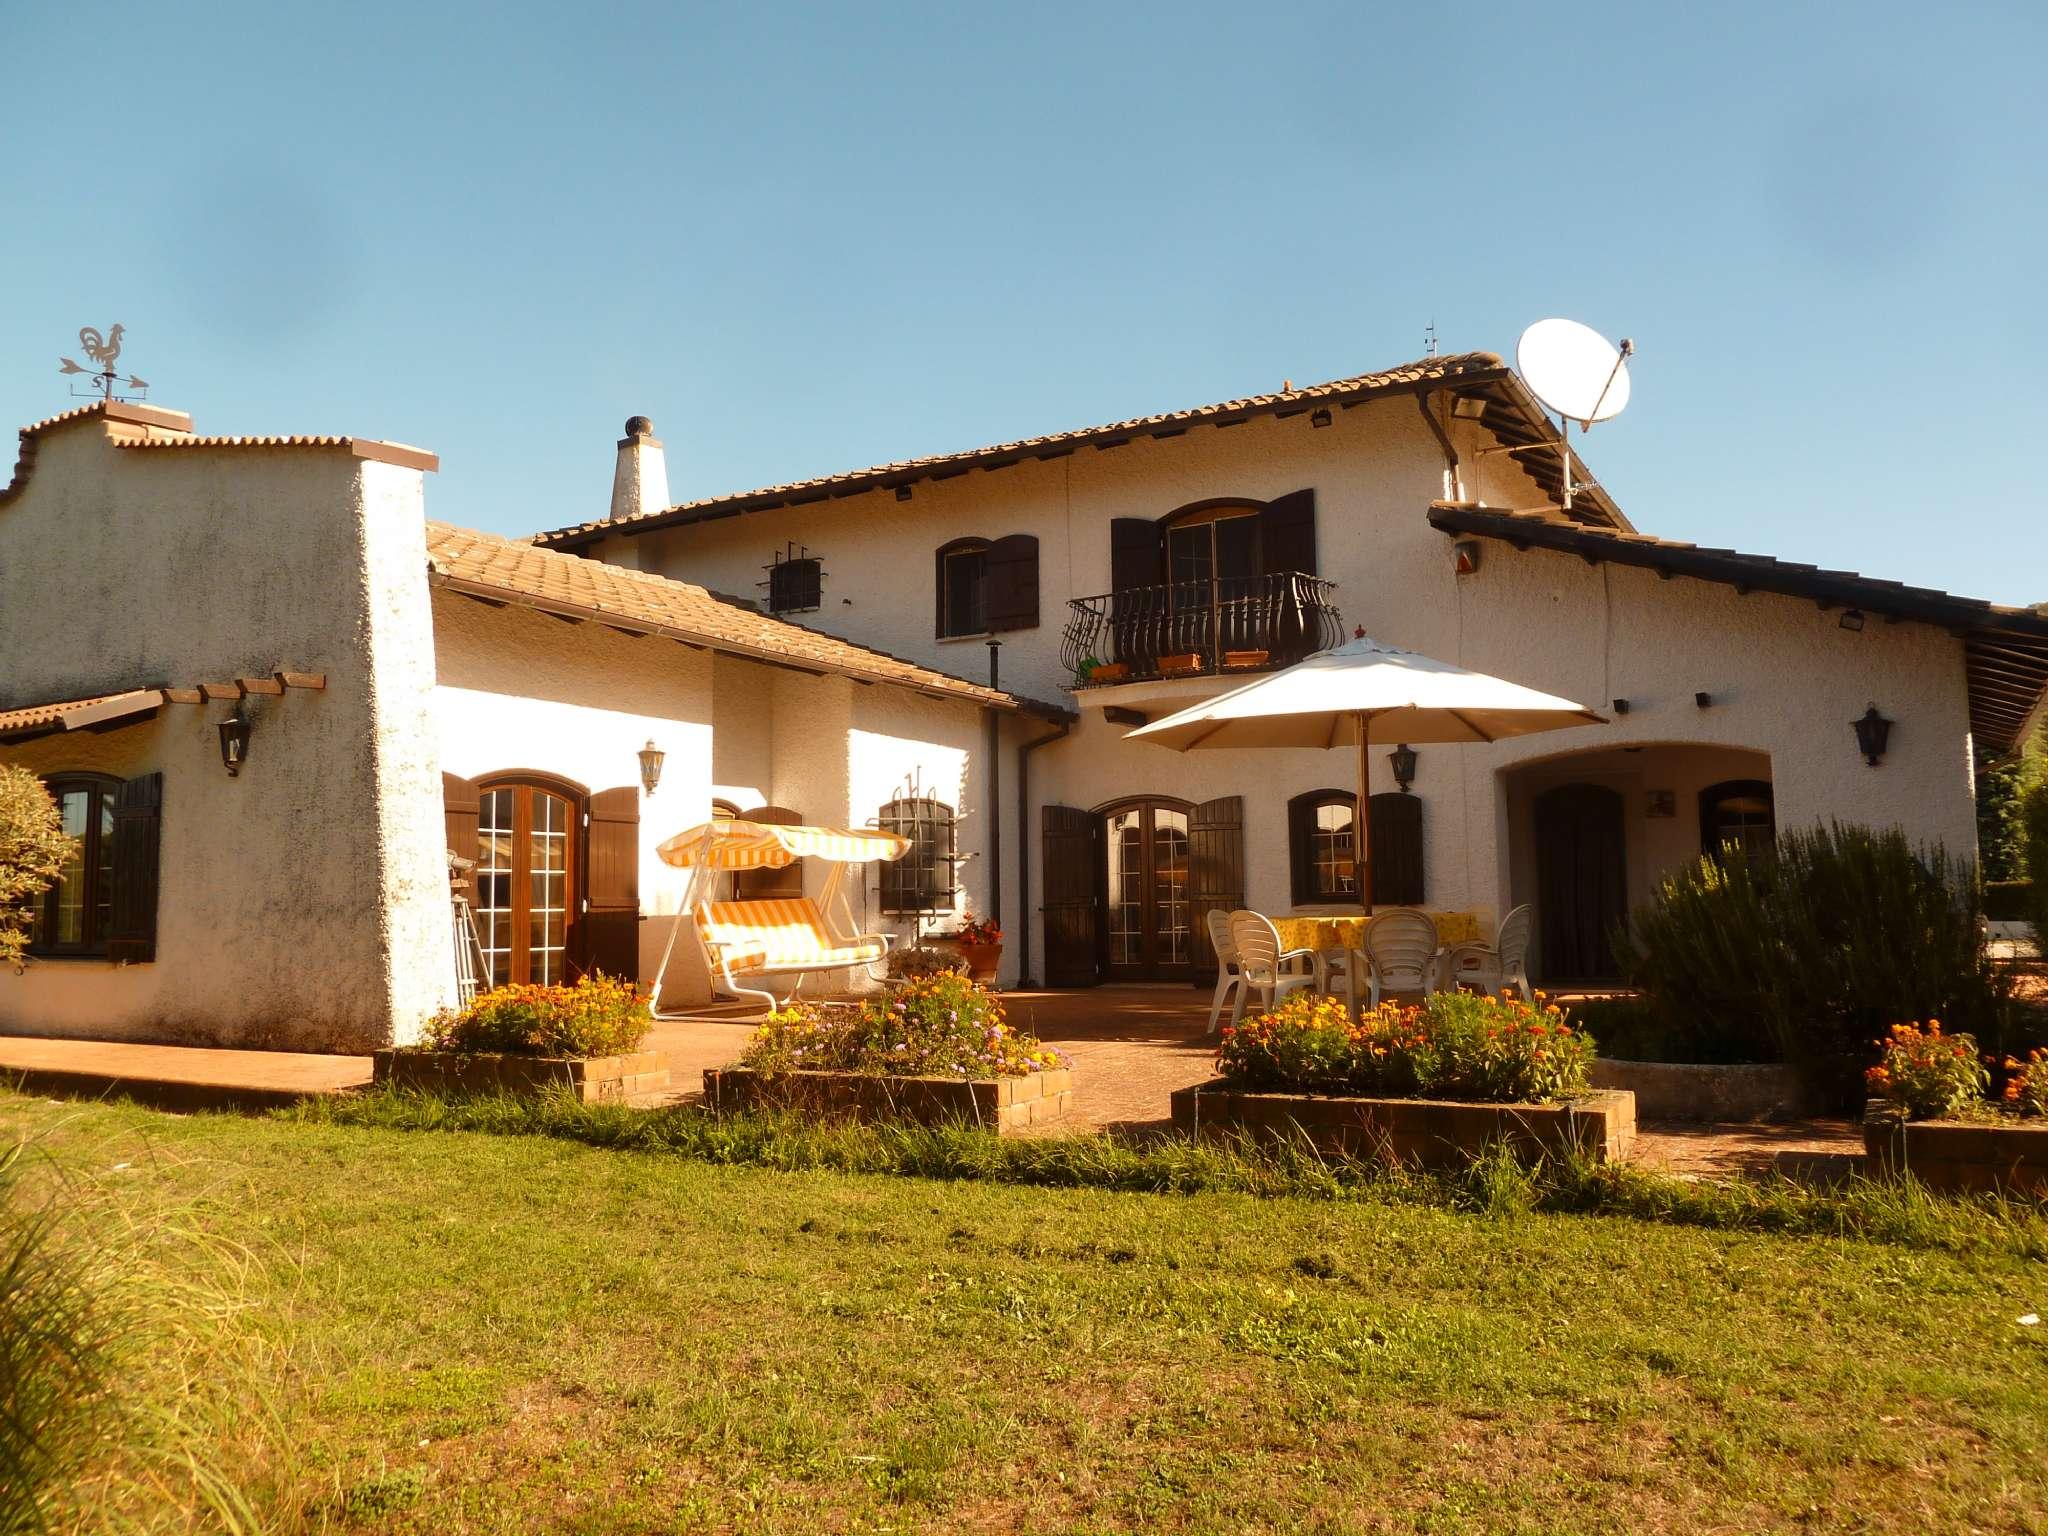 Villa in vendita a Rocca di Botte, 12 locali, prezzo € 620.000 | CambioCasa.it